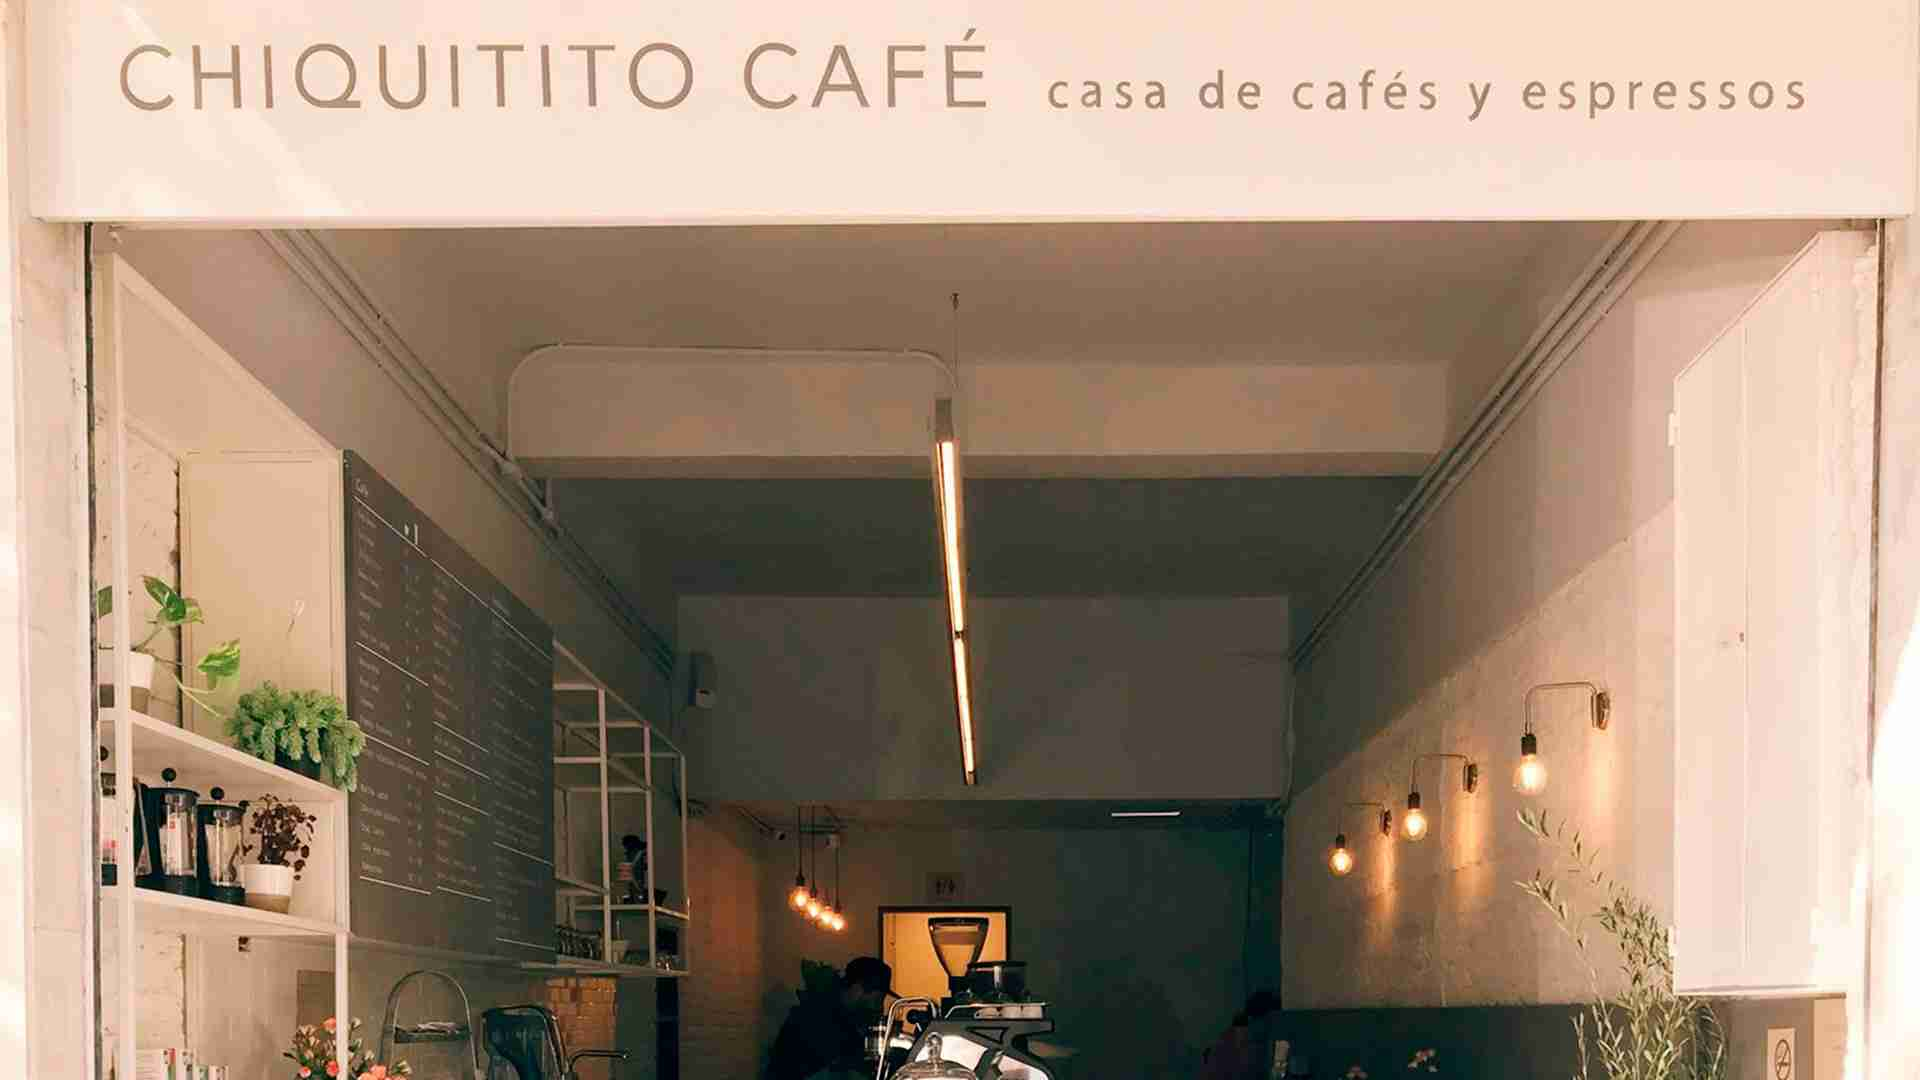 Chiquitito Café, pequeño templo del sabor y la fraternidad